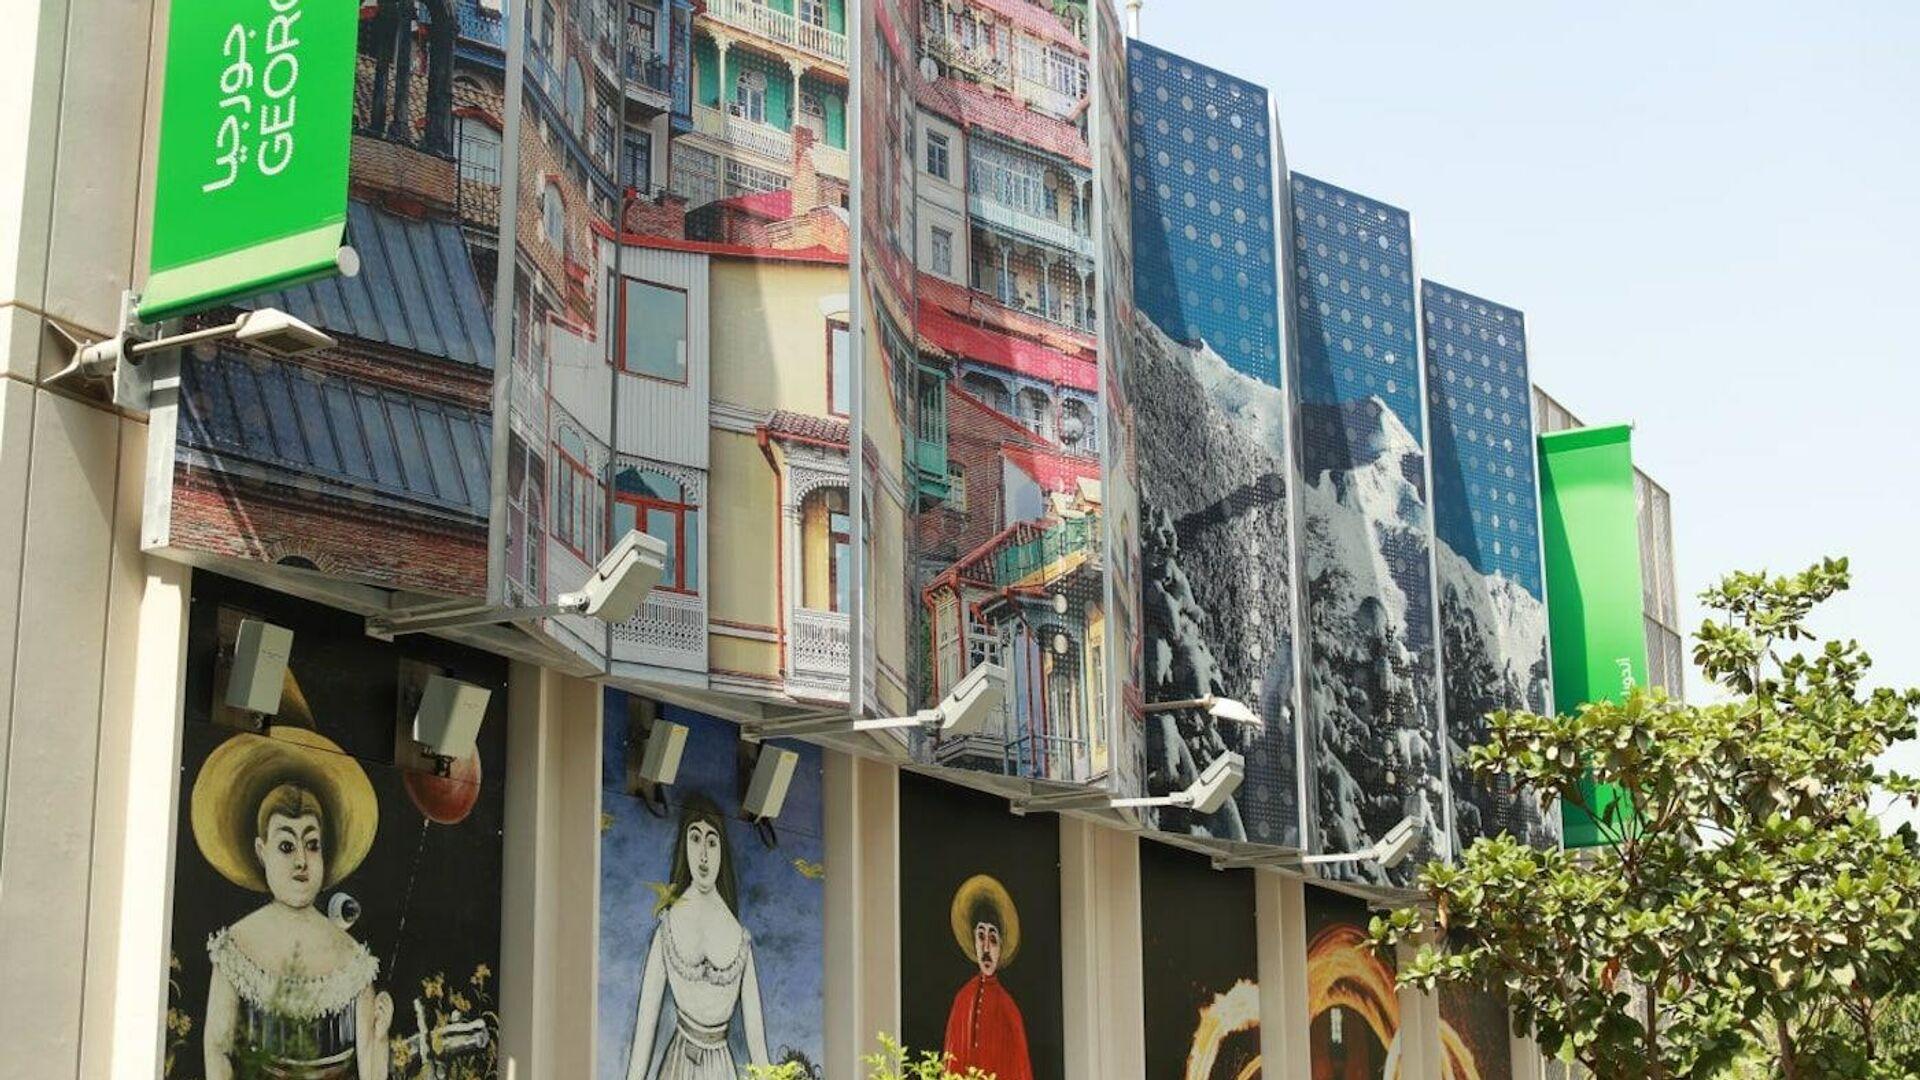 EXPO 2020 DUBAI - Грузия участвует в международной выставке в Дубае - Sputnik Грузия, 1920, 01.10.2021